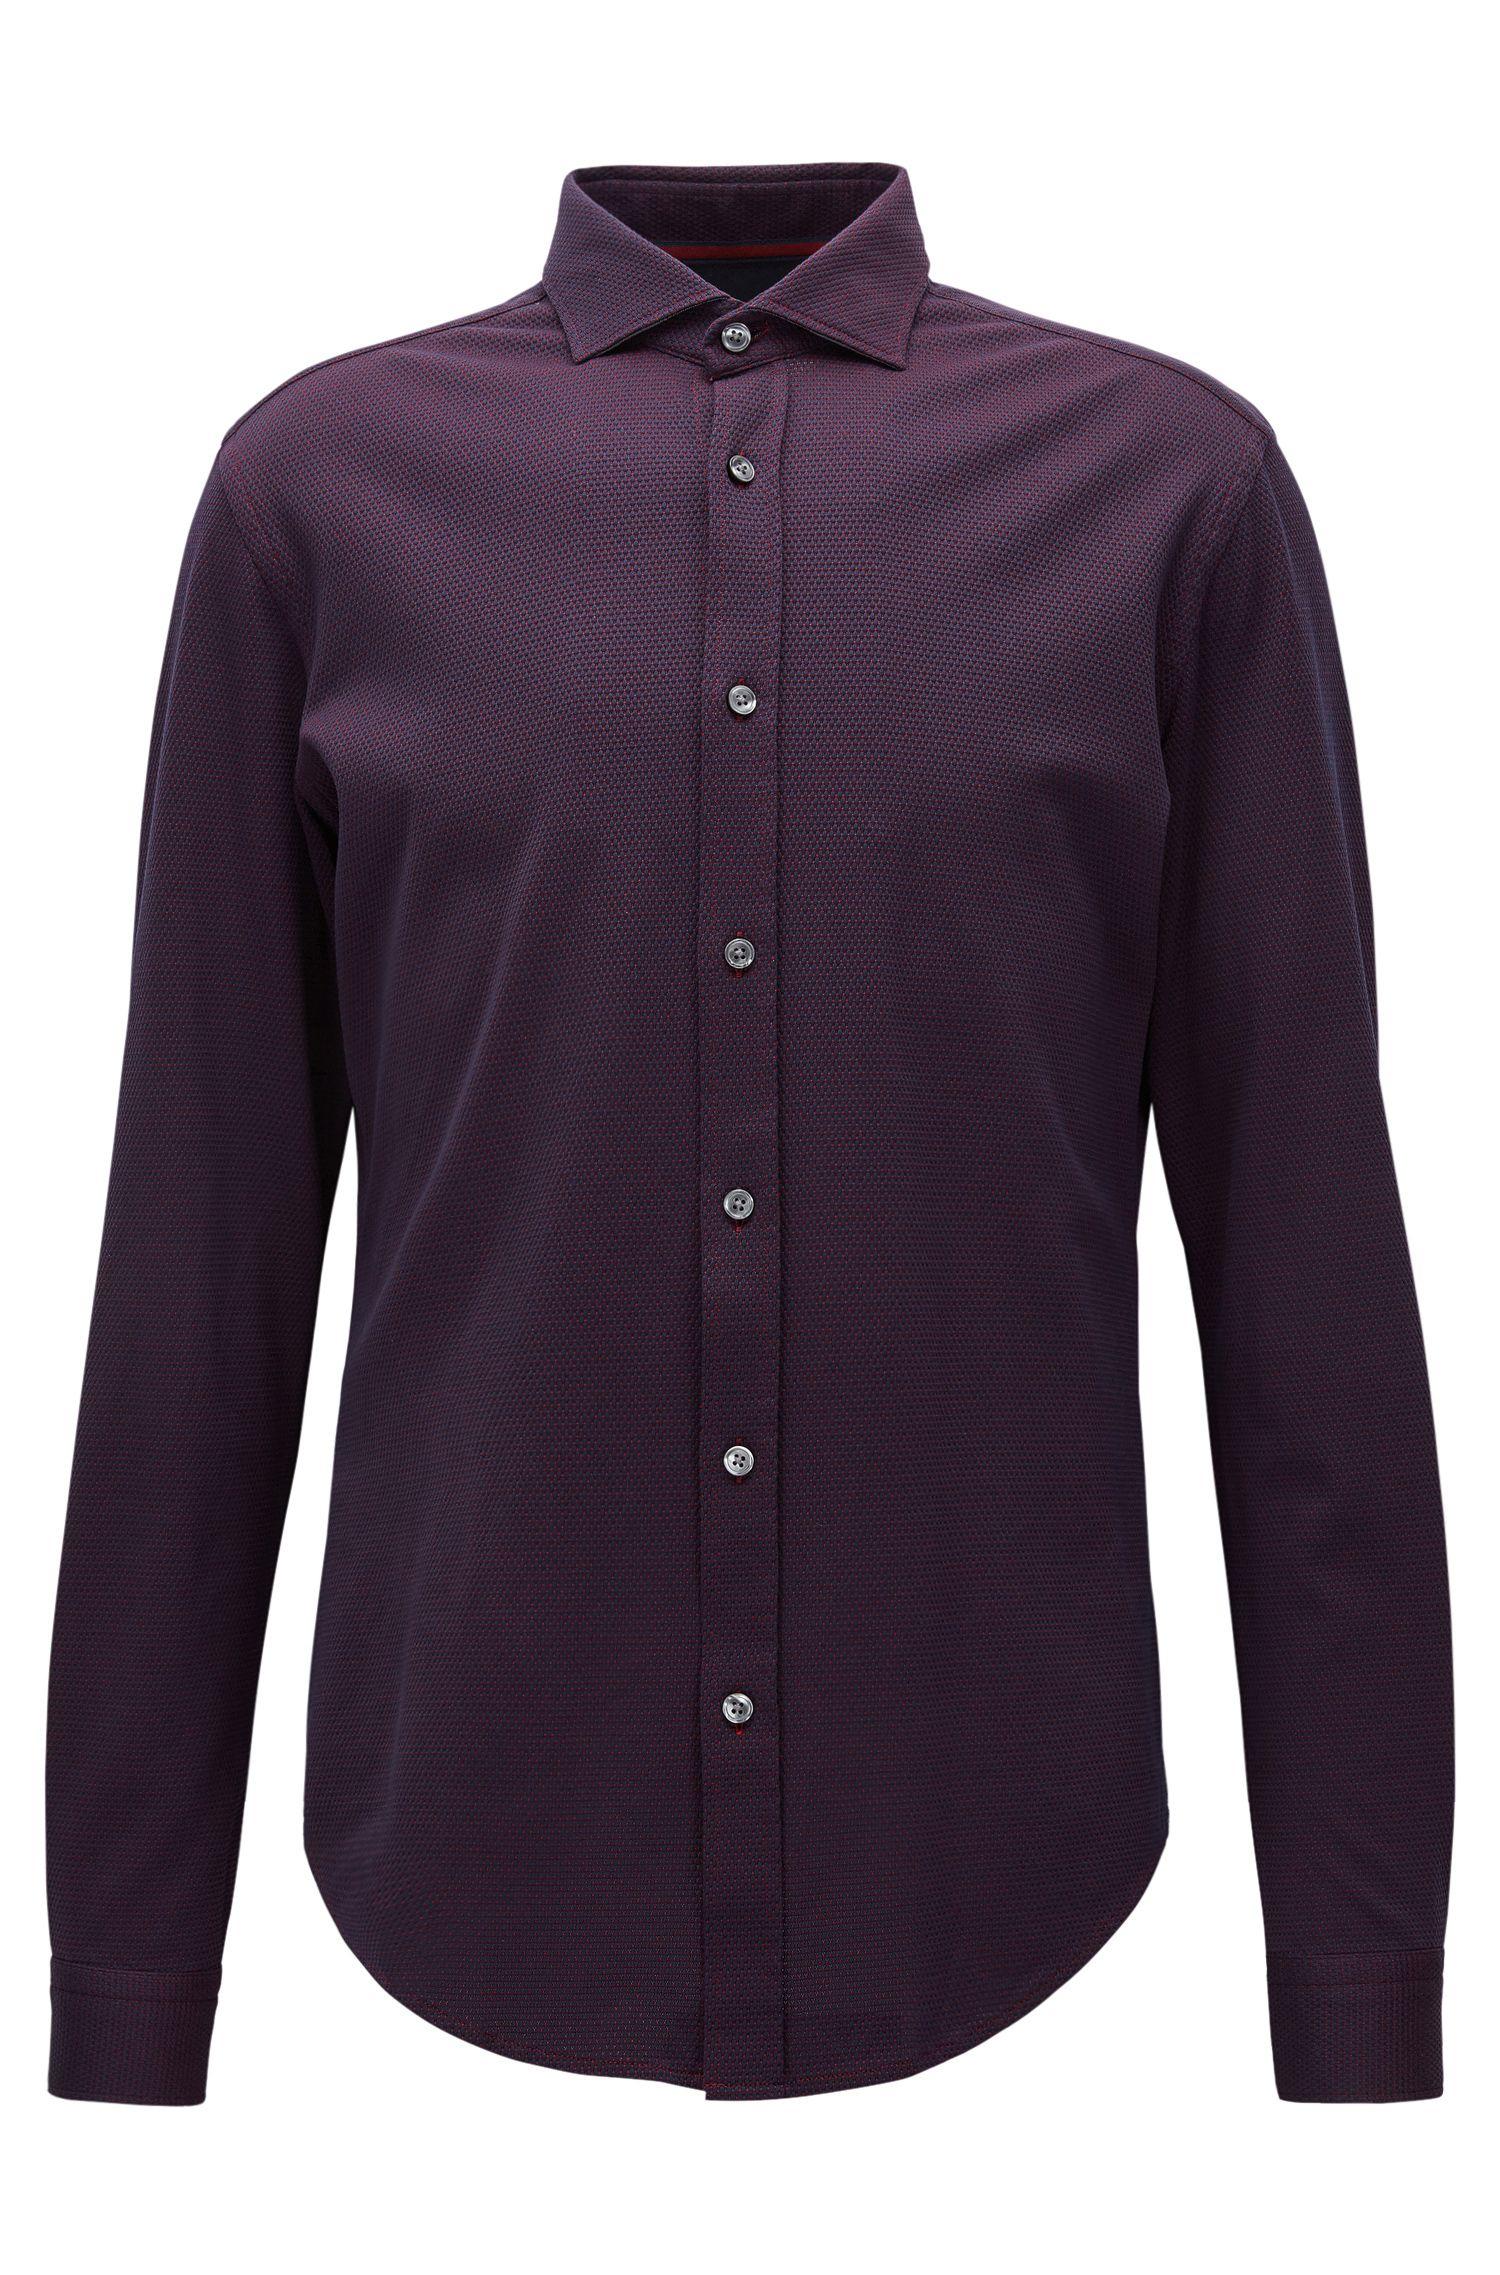 Textured Stretch Cotton Sport Shirt, Slim Fit | Ridley, Dark Blue